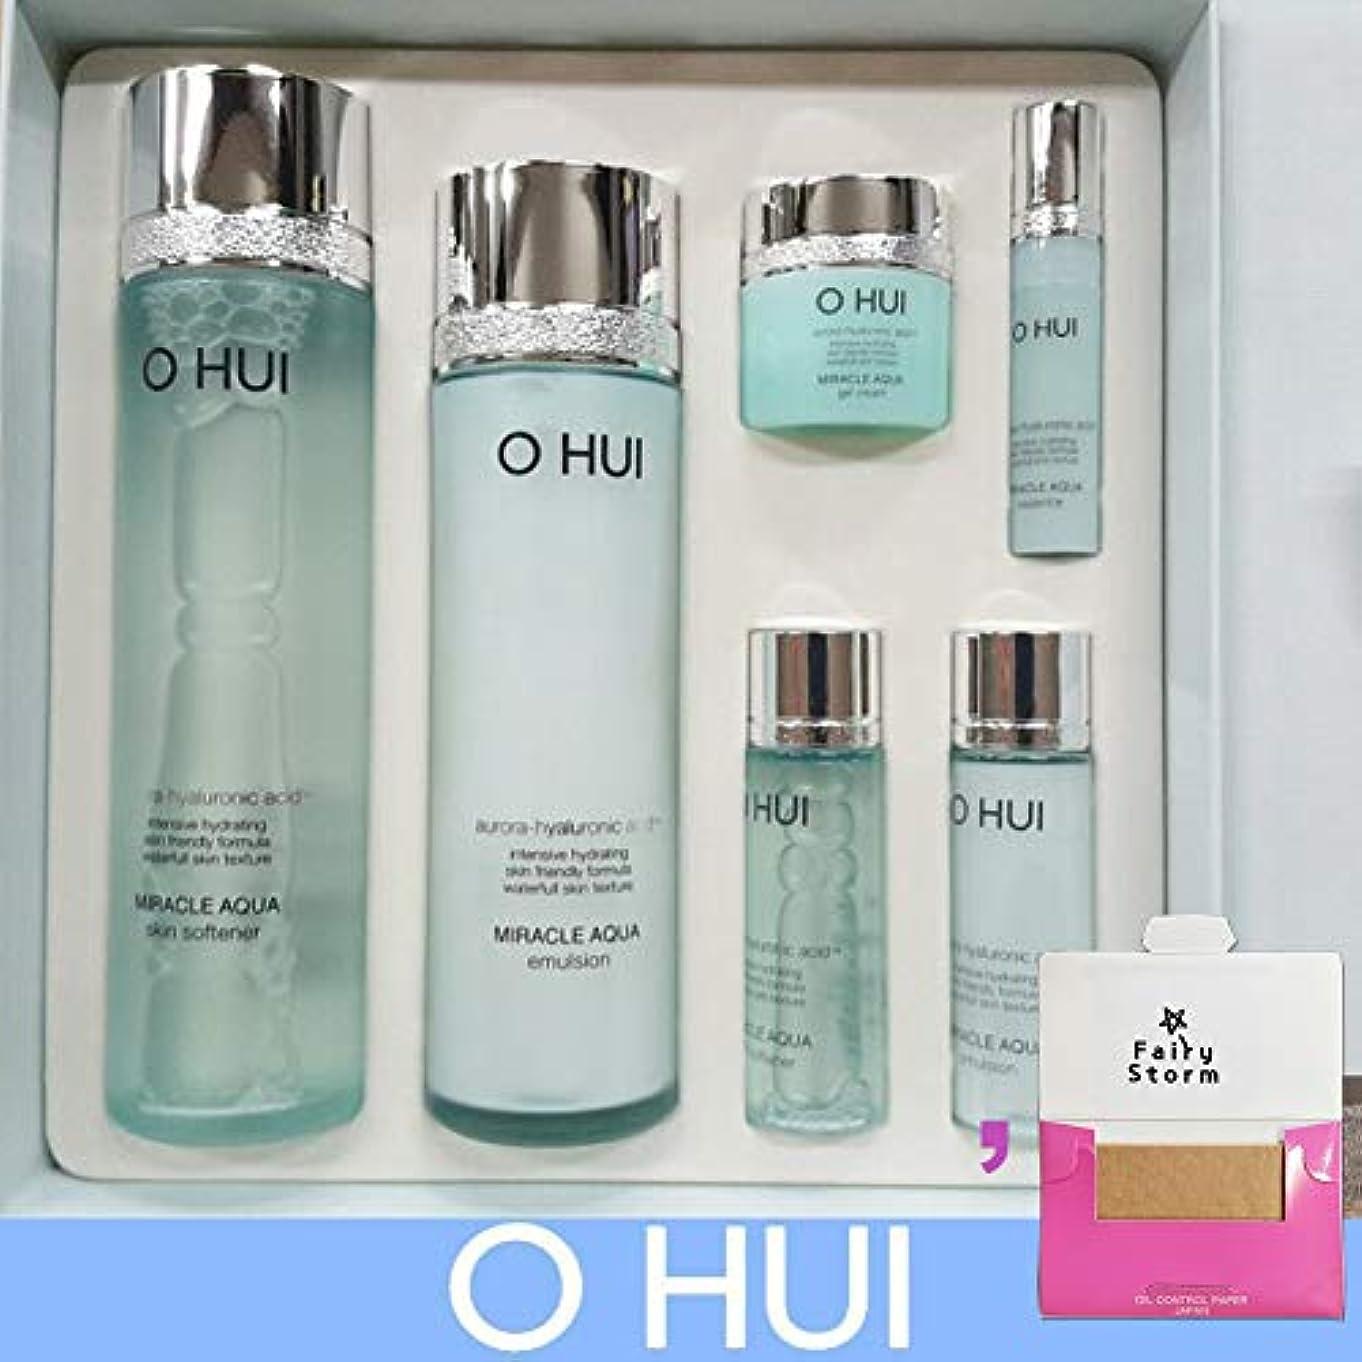 エチケットルーシャワー[オフィ/O HUI]韓国化粧品LG生活健康/O HUI MIRACLE AQUA SPECIAL SET/ミラクルアクア2種セット+[Sample Gift](海外直送品)